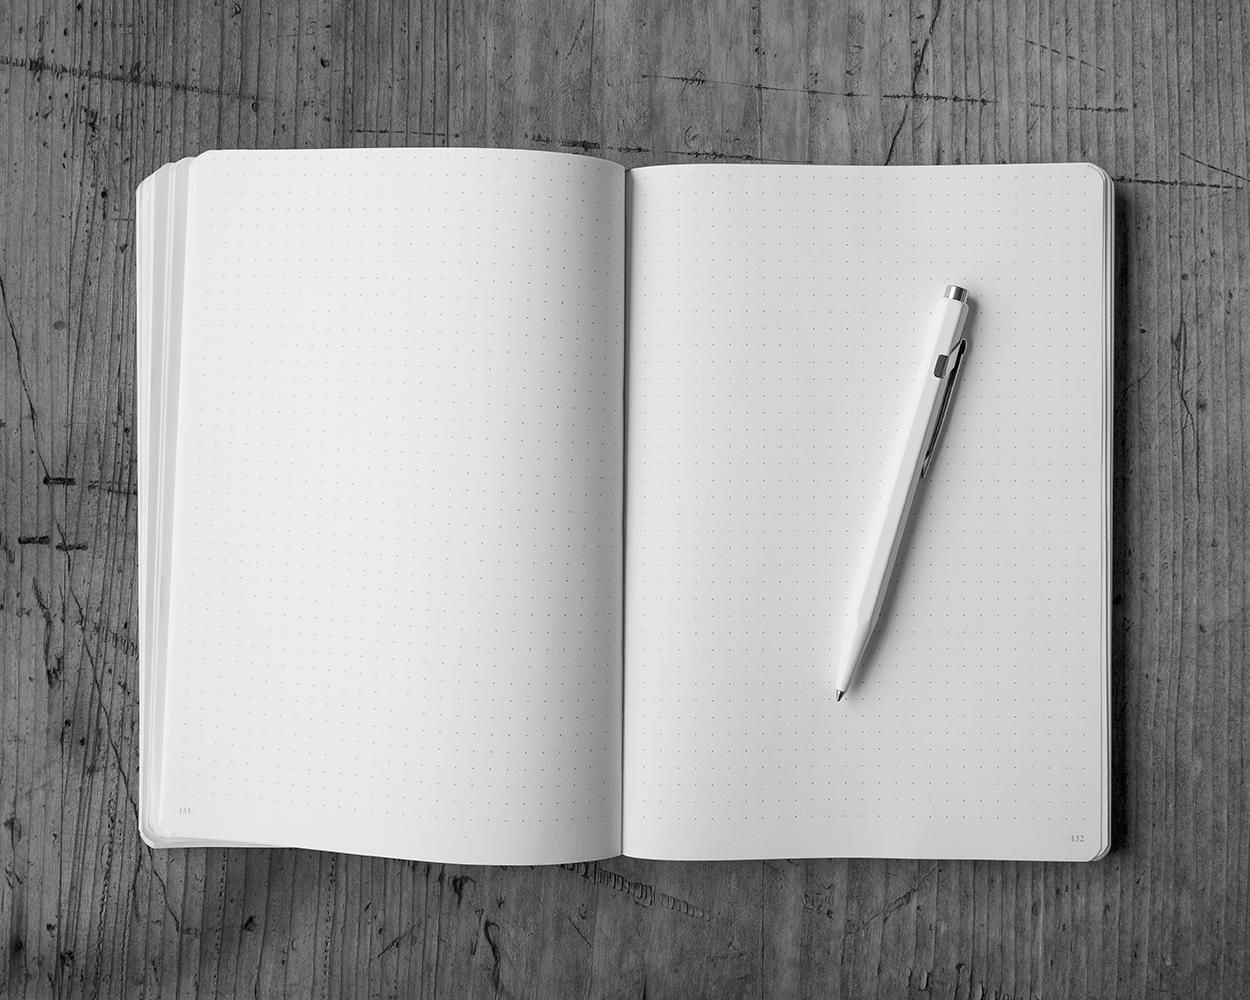 Ein aufgeschlagenes, leeres Notizbuch liegt auf dem Tisch.